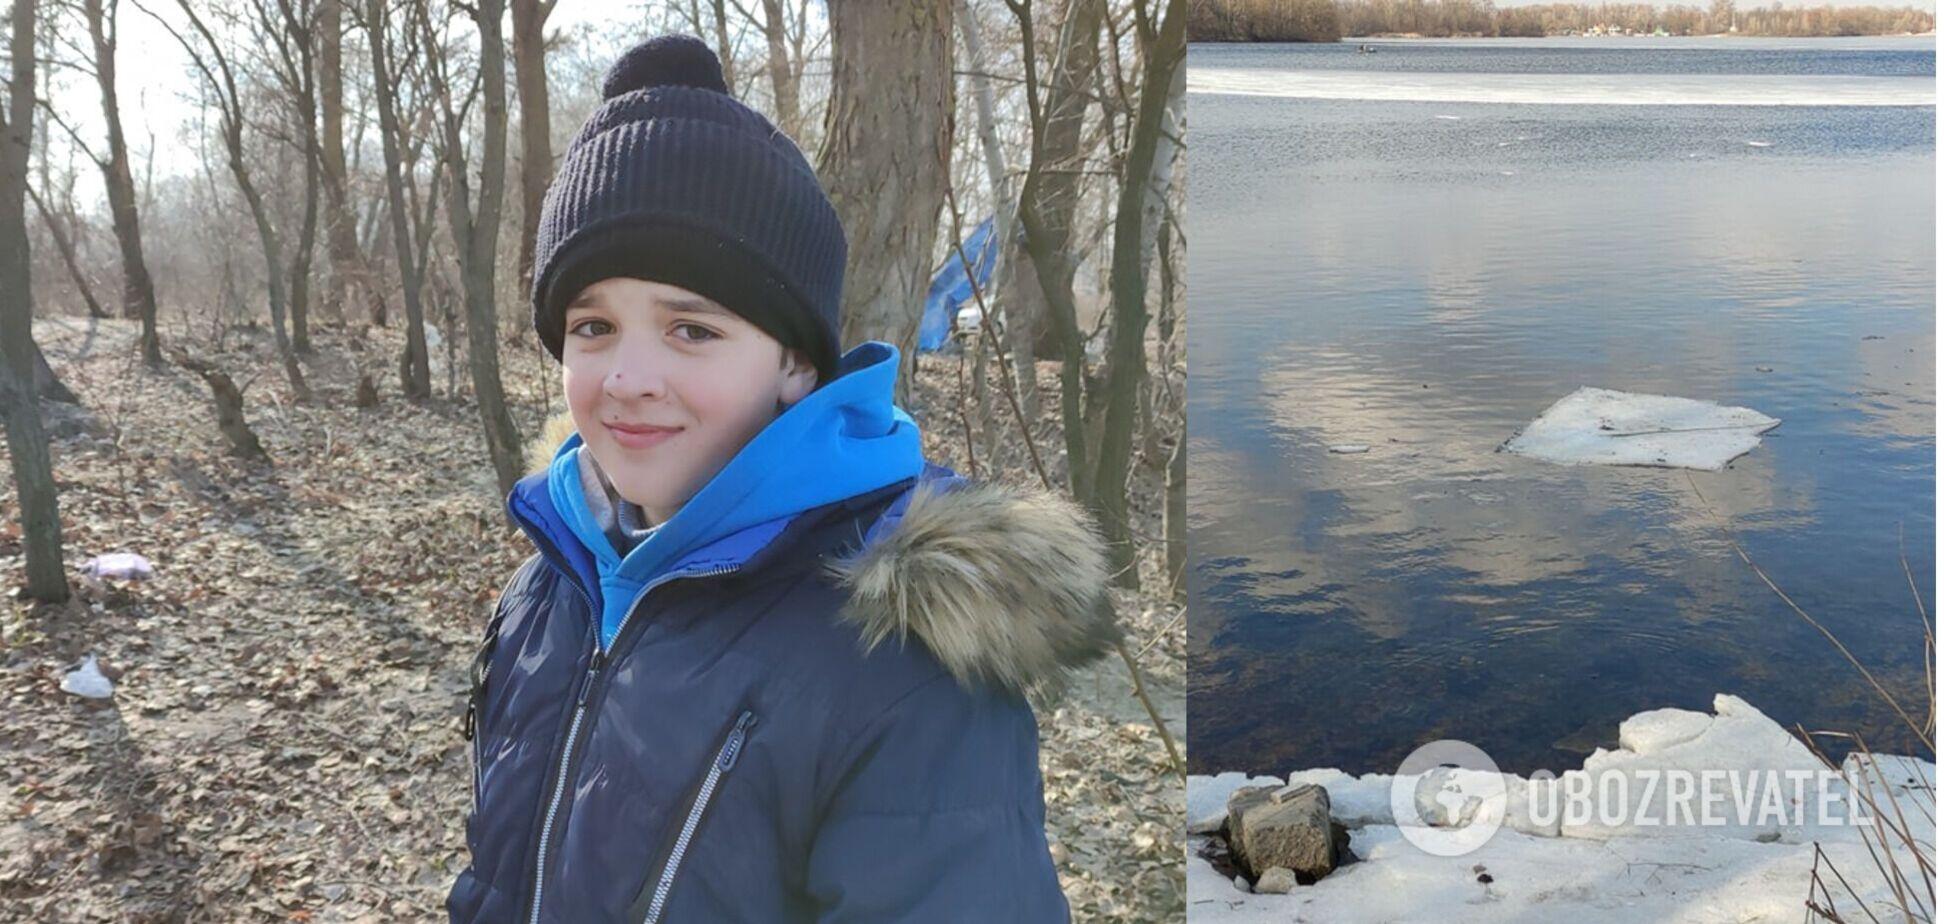 У Києві рибалка врятував хлопчика на крижині за допомогою спінінга. Відео